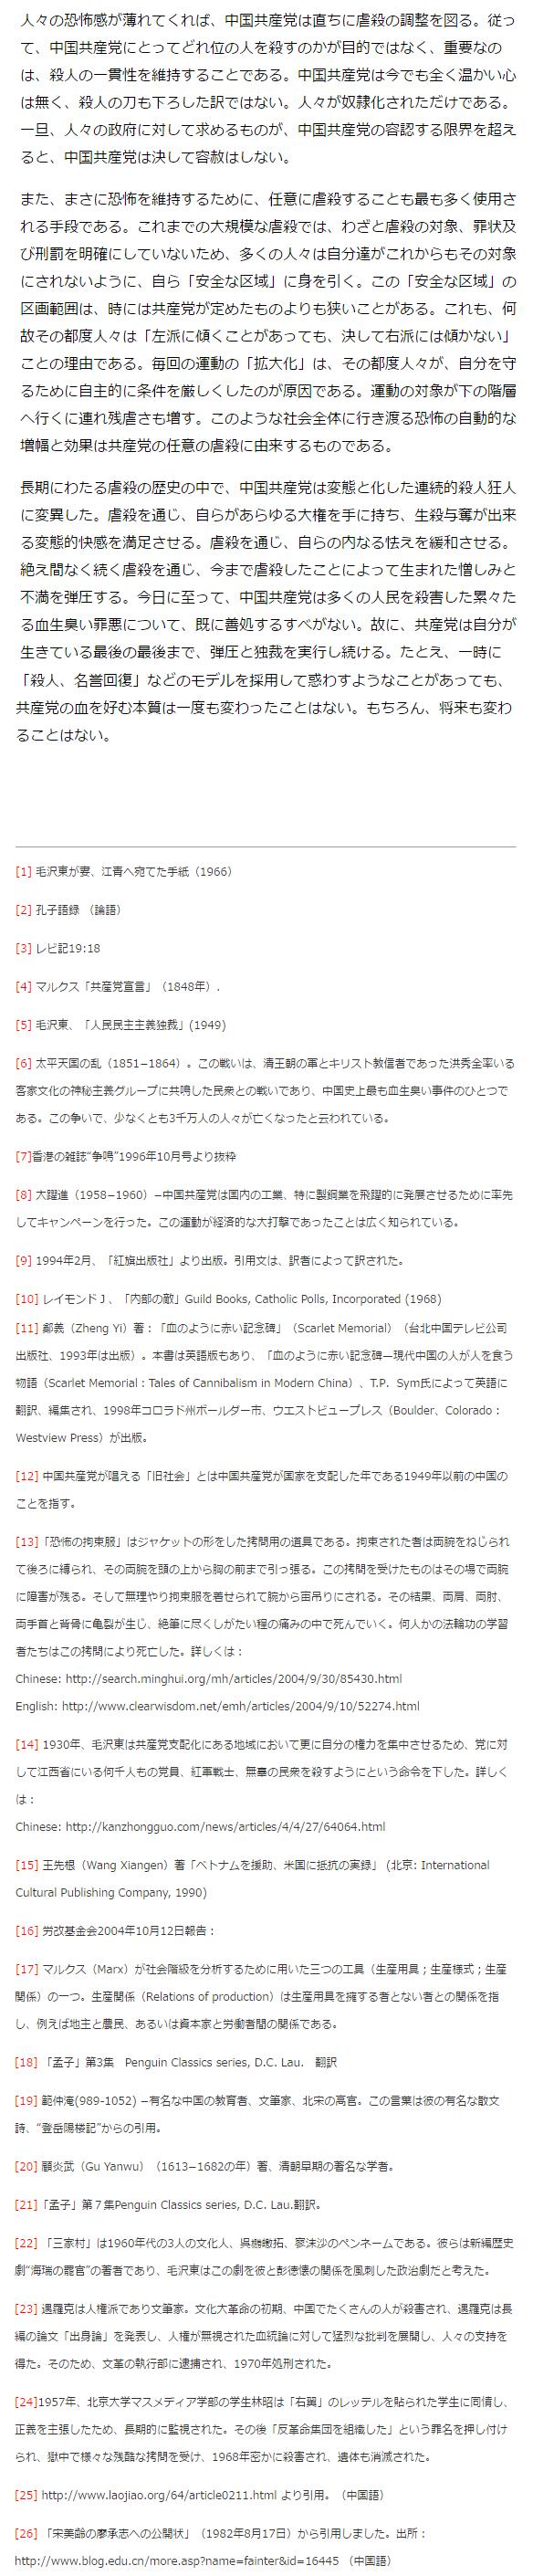 シナ共産党の殺人の歴史6